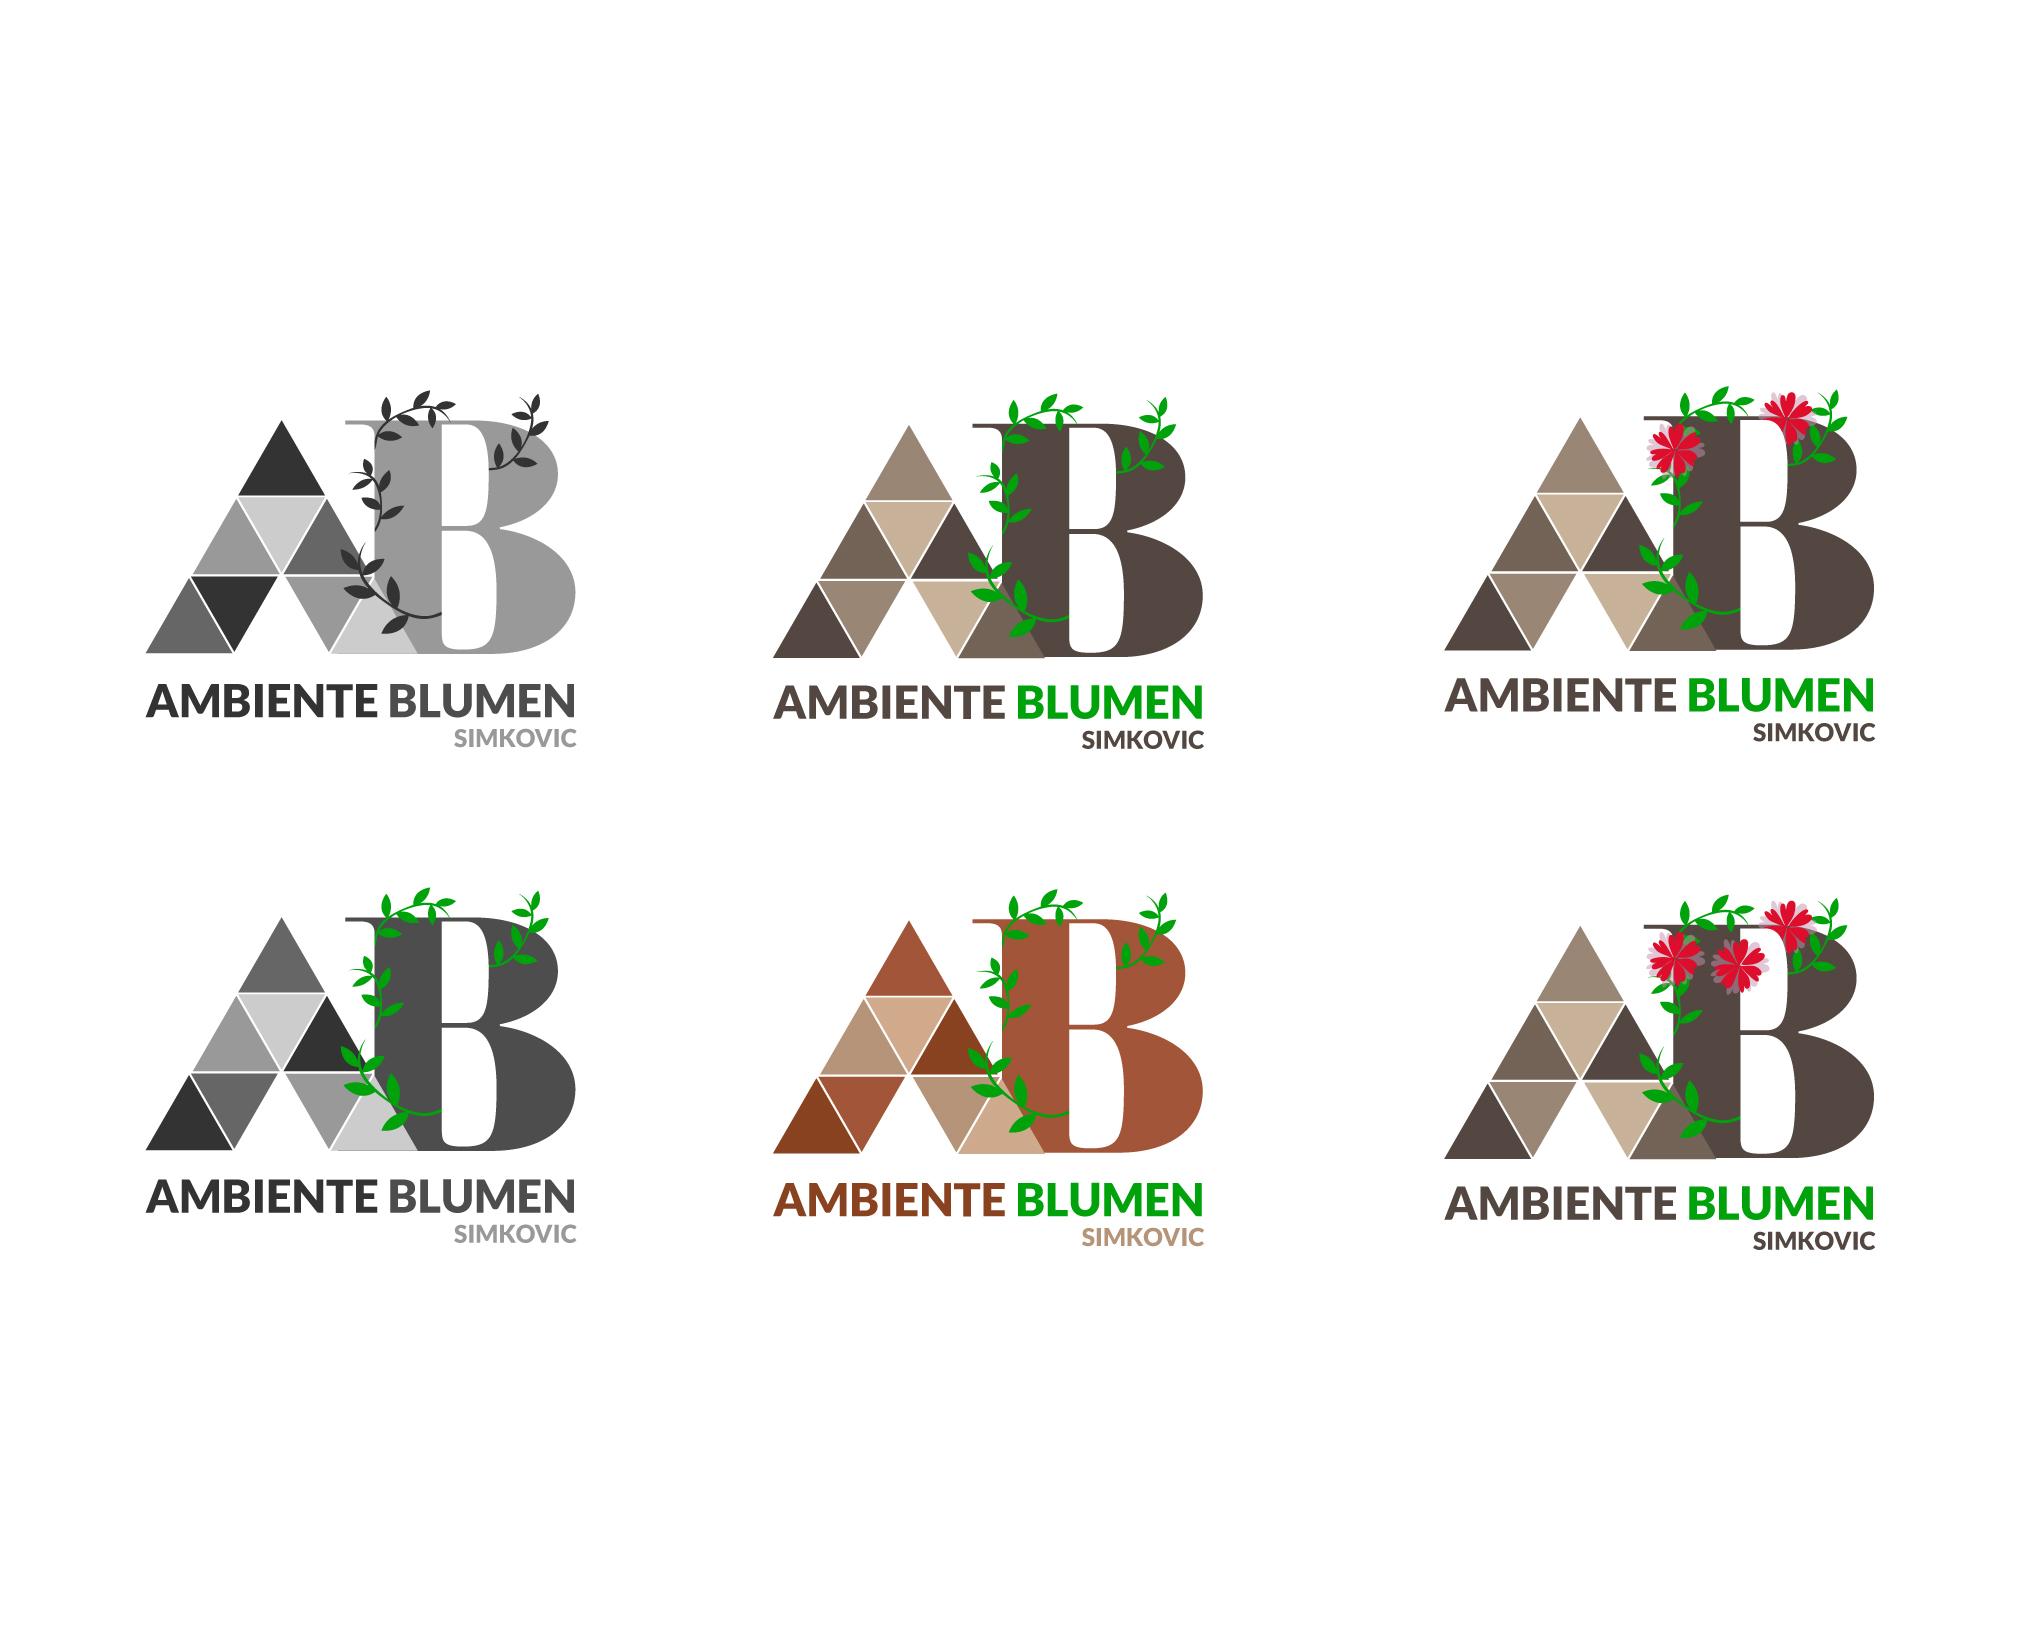 6 logo concepts: Ambiente Blumen Simkoiv